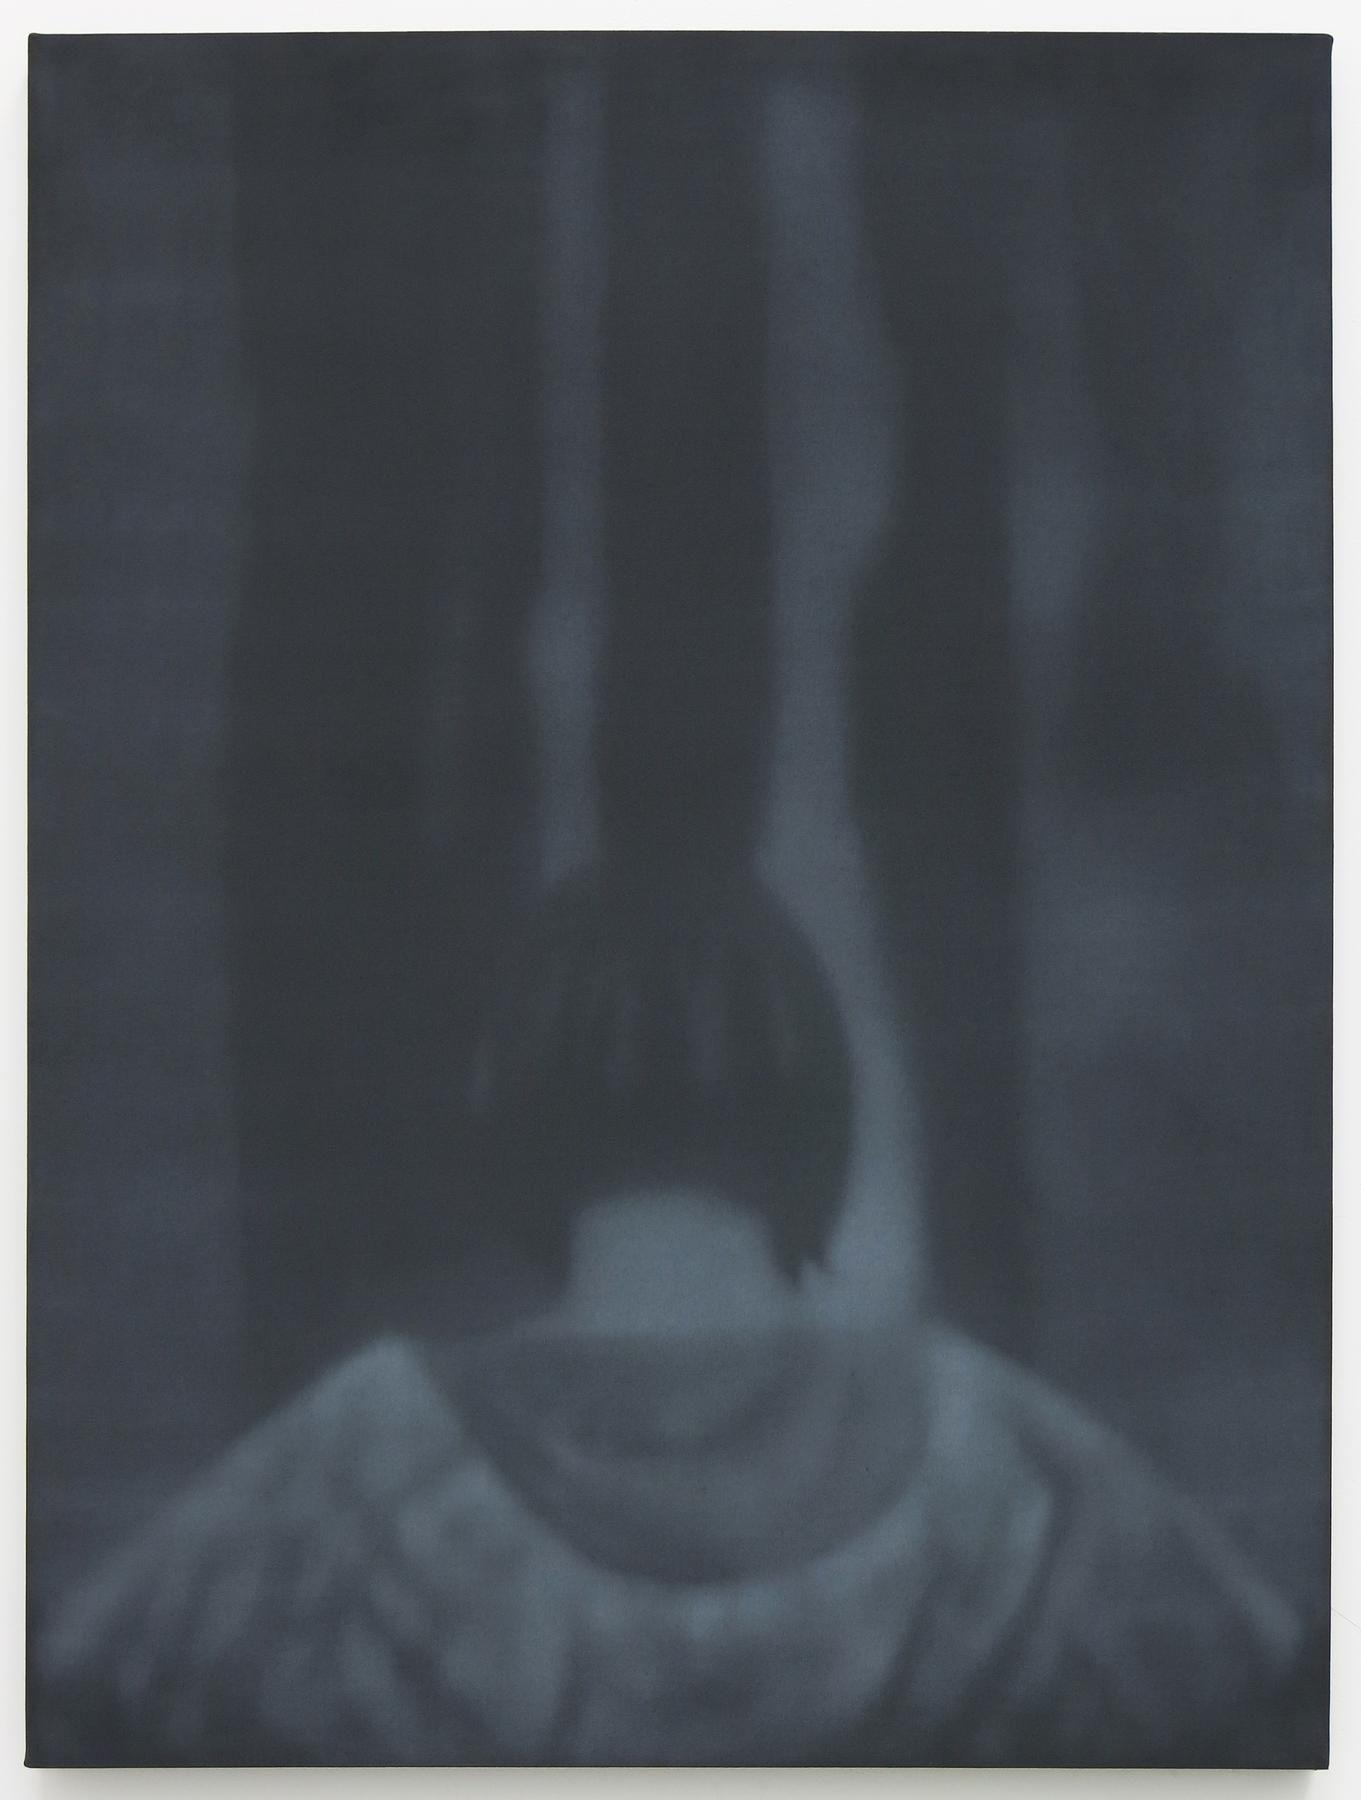 Troy Brauntuch Untitled (Head)